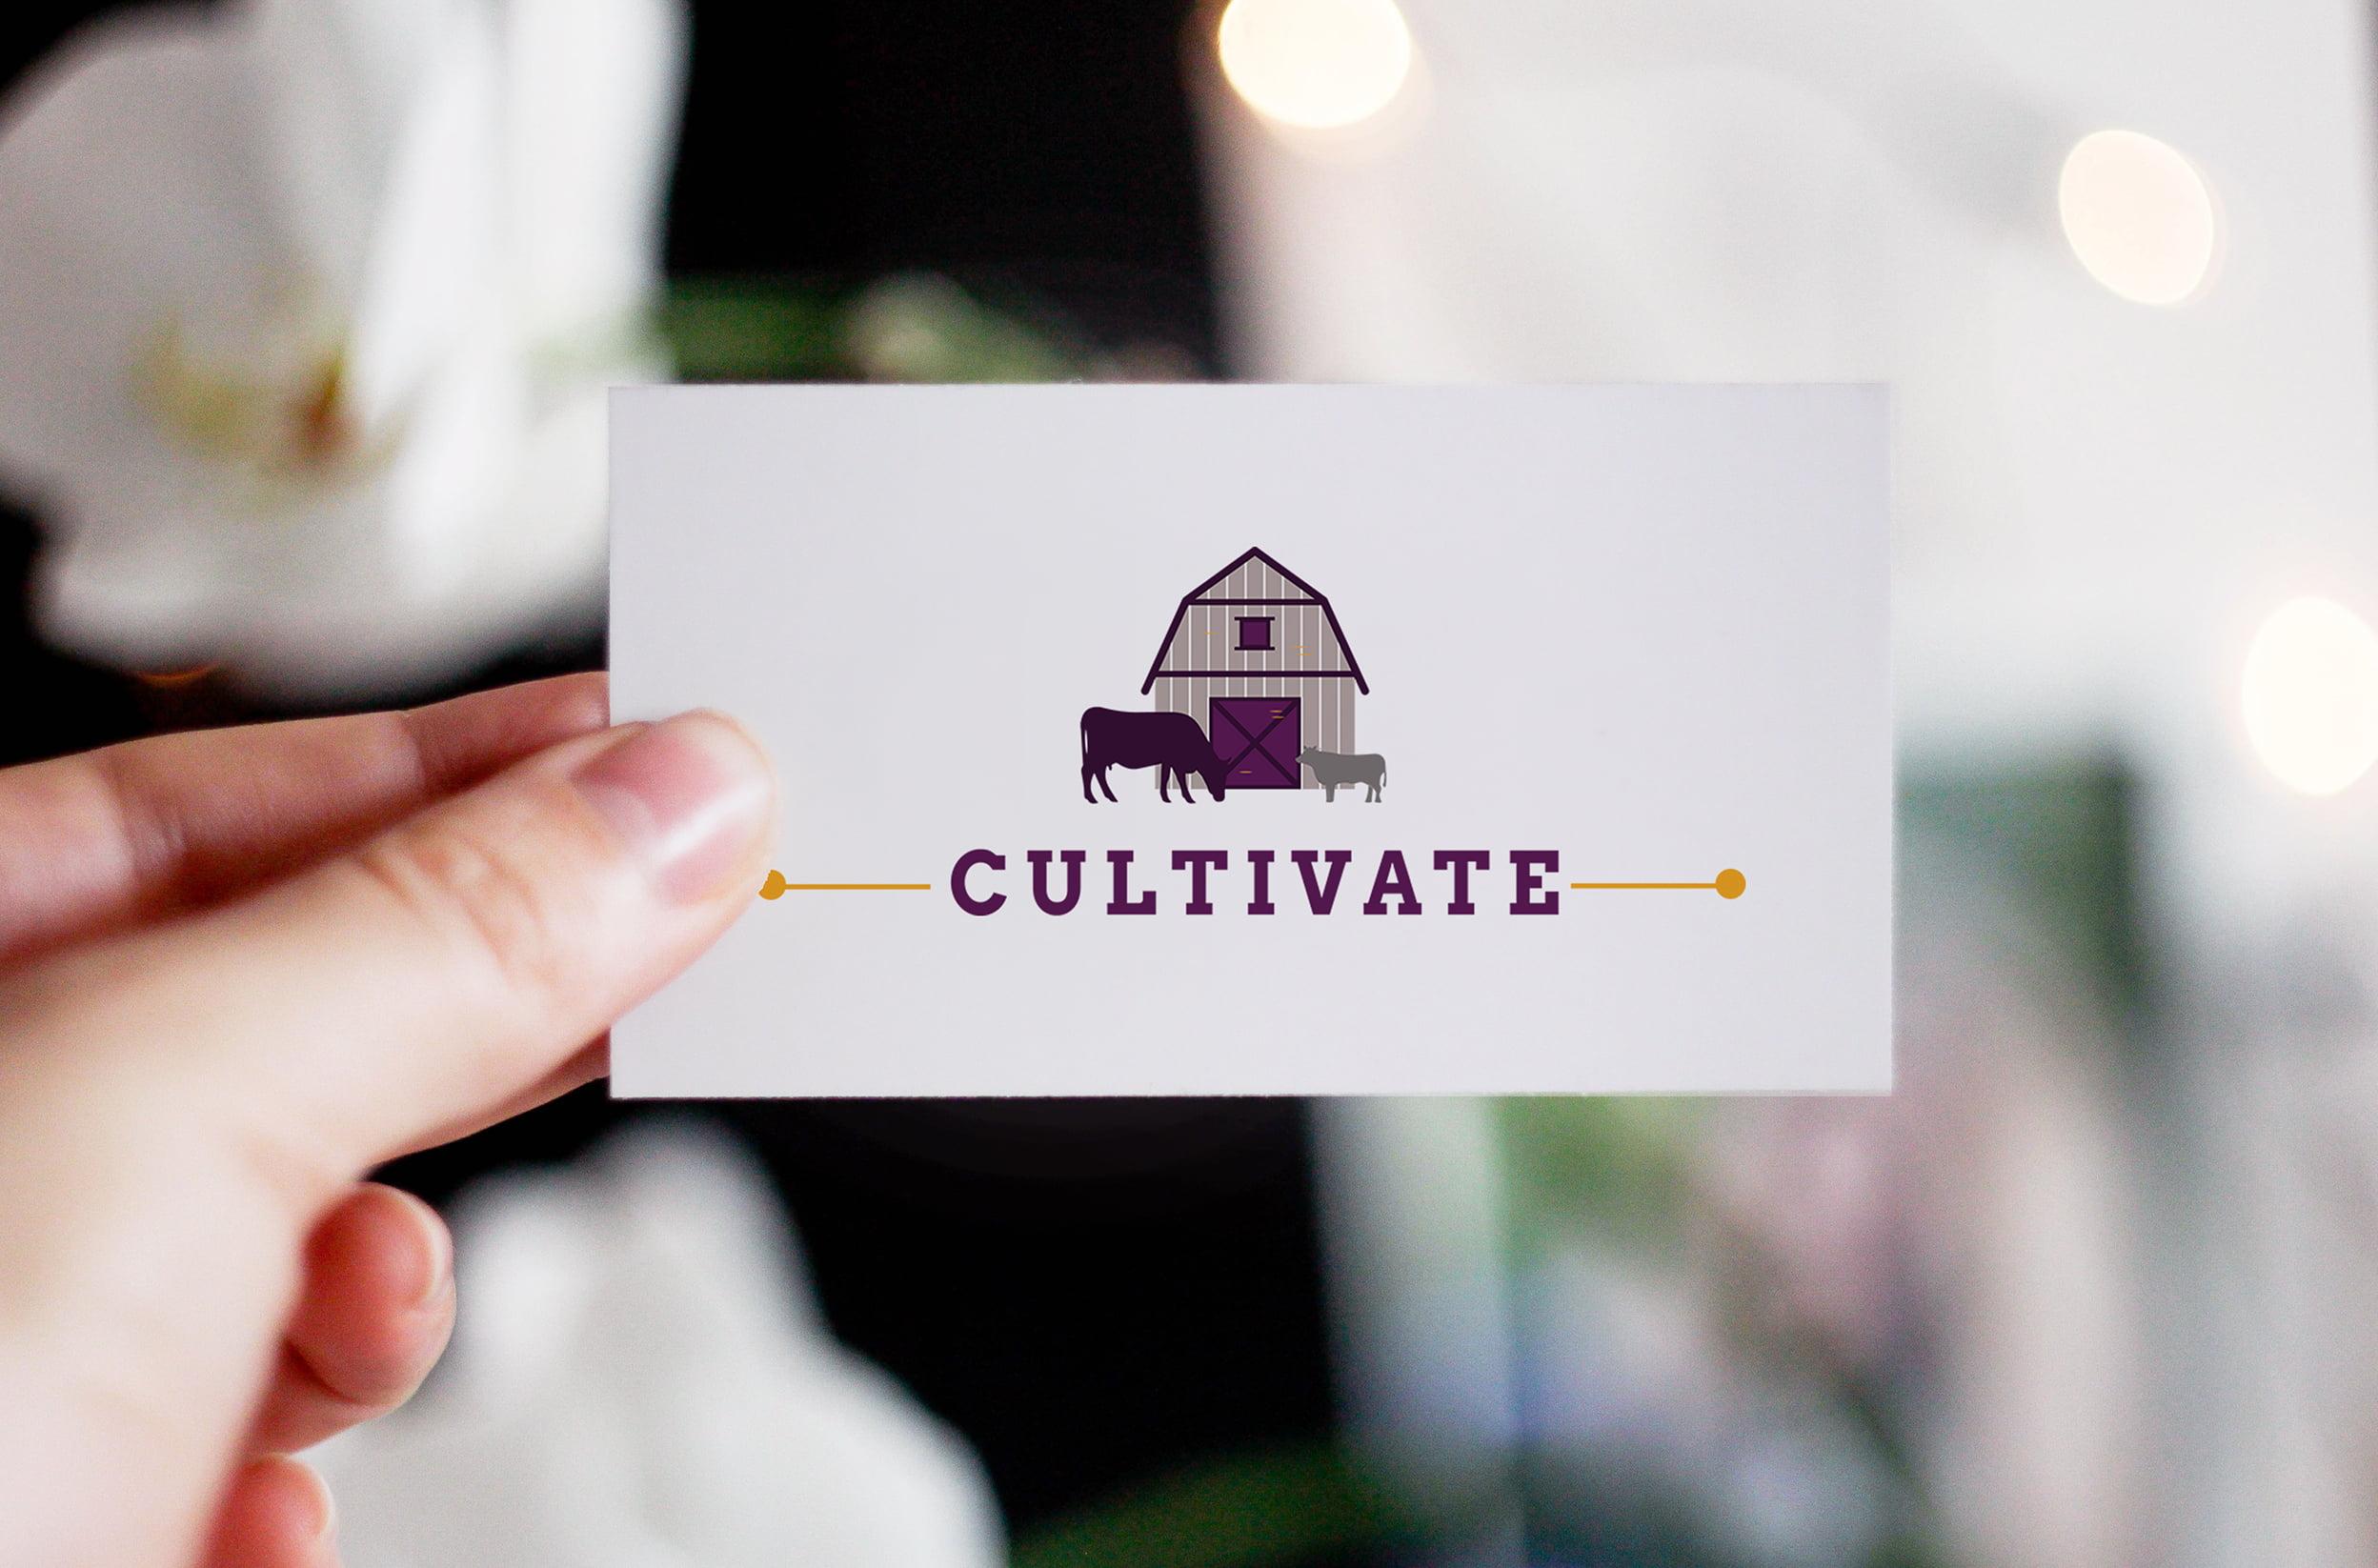 cultivate-6